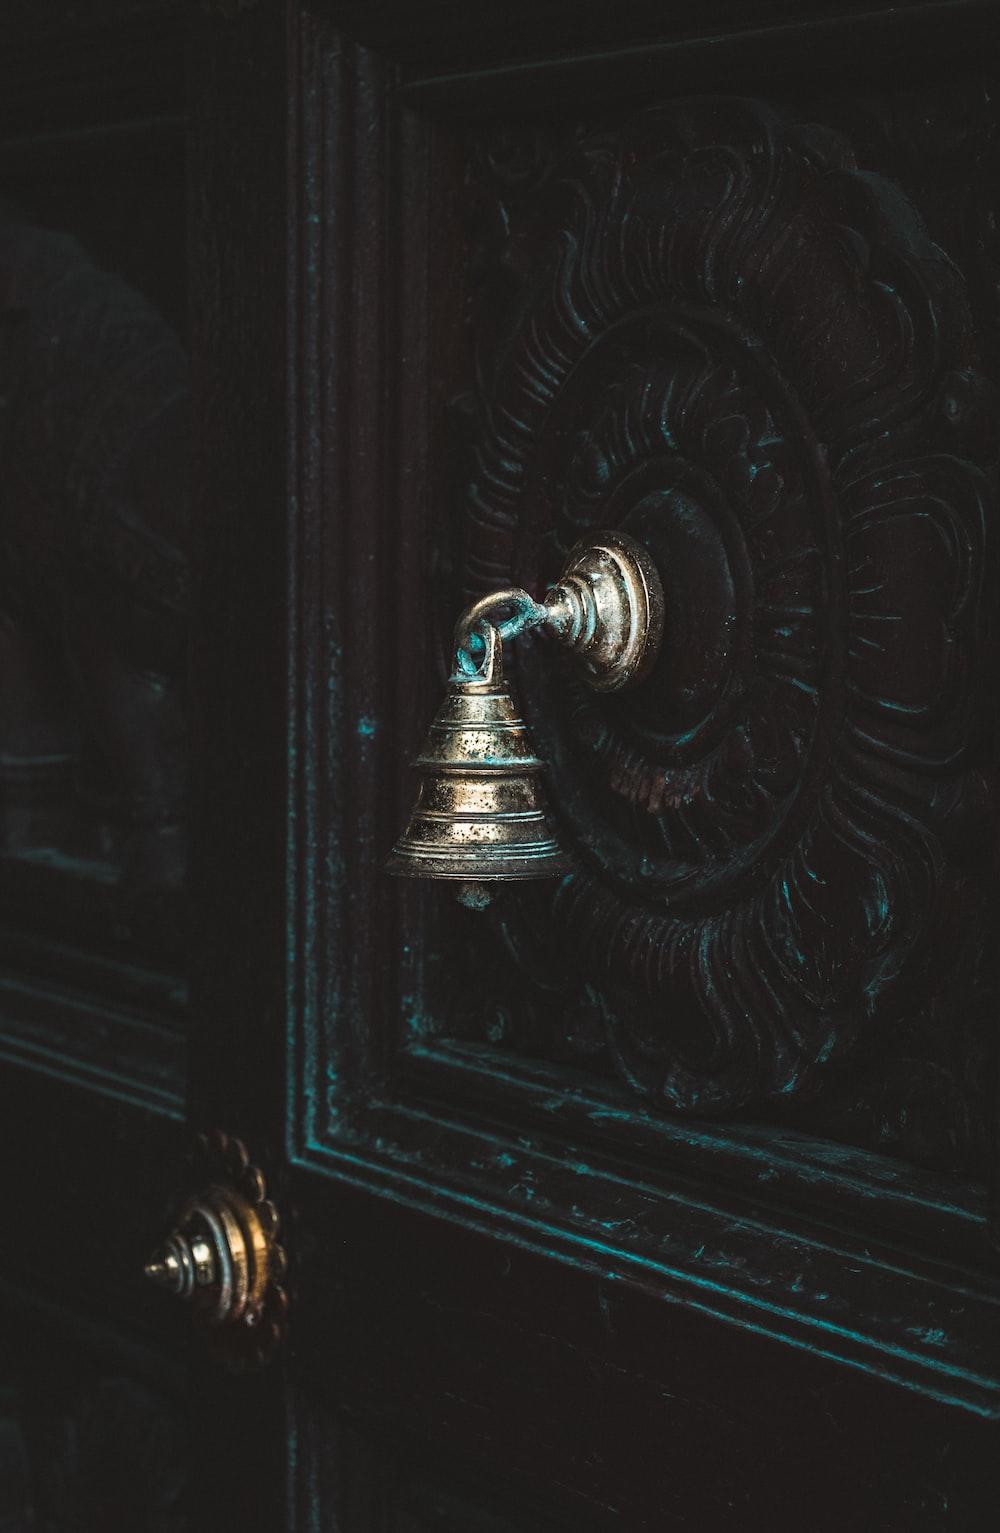 silver-colored door bell on black door